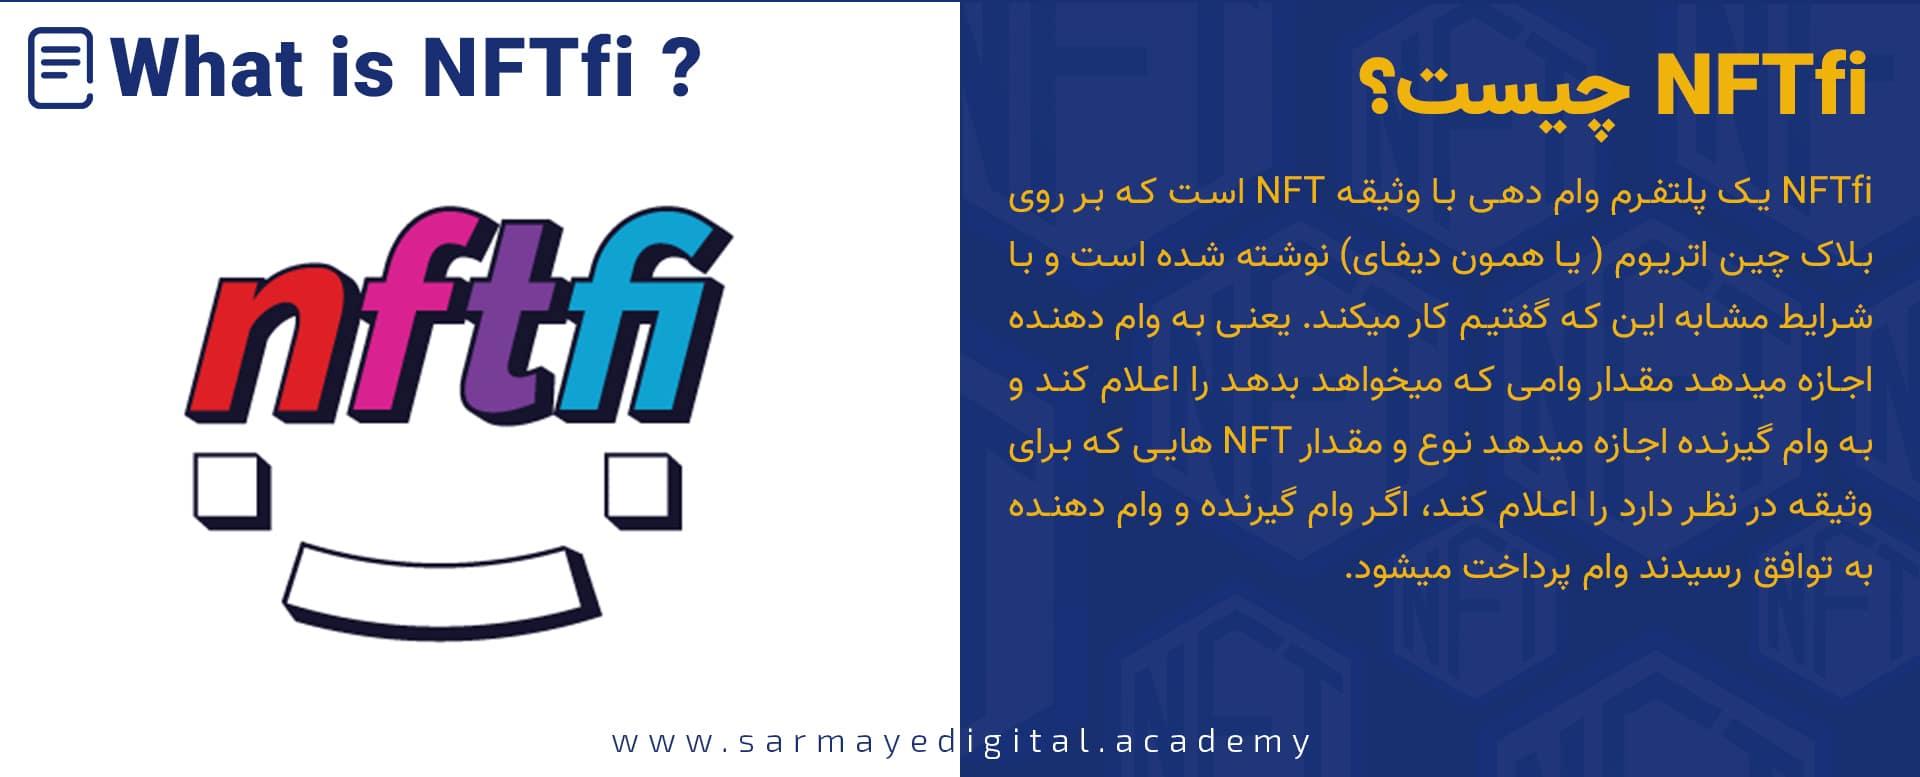 NFTfi چیست